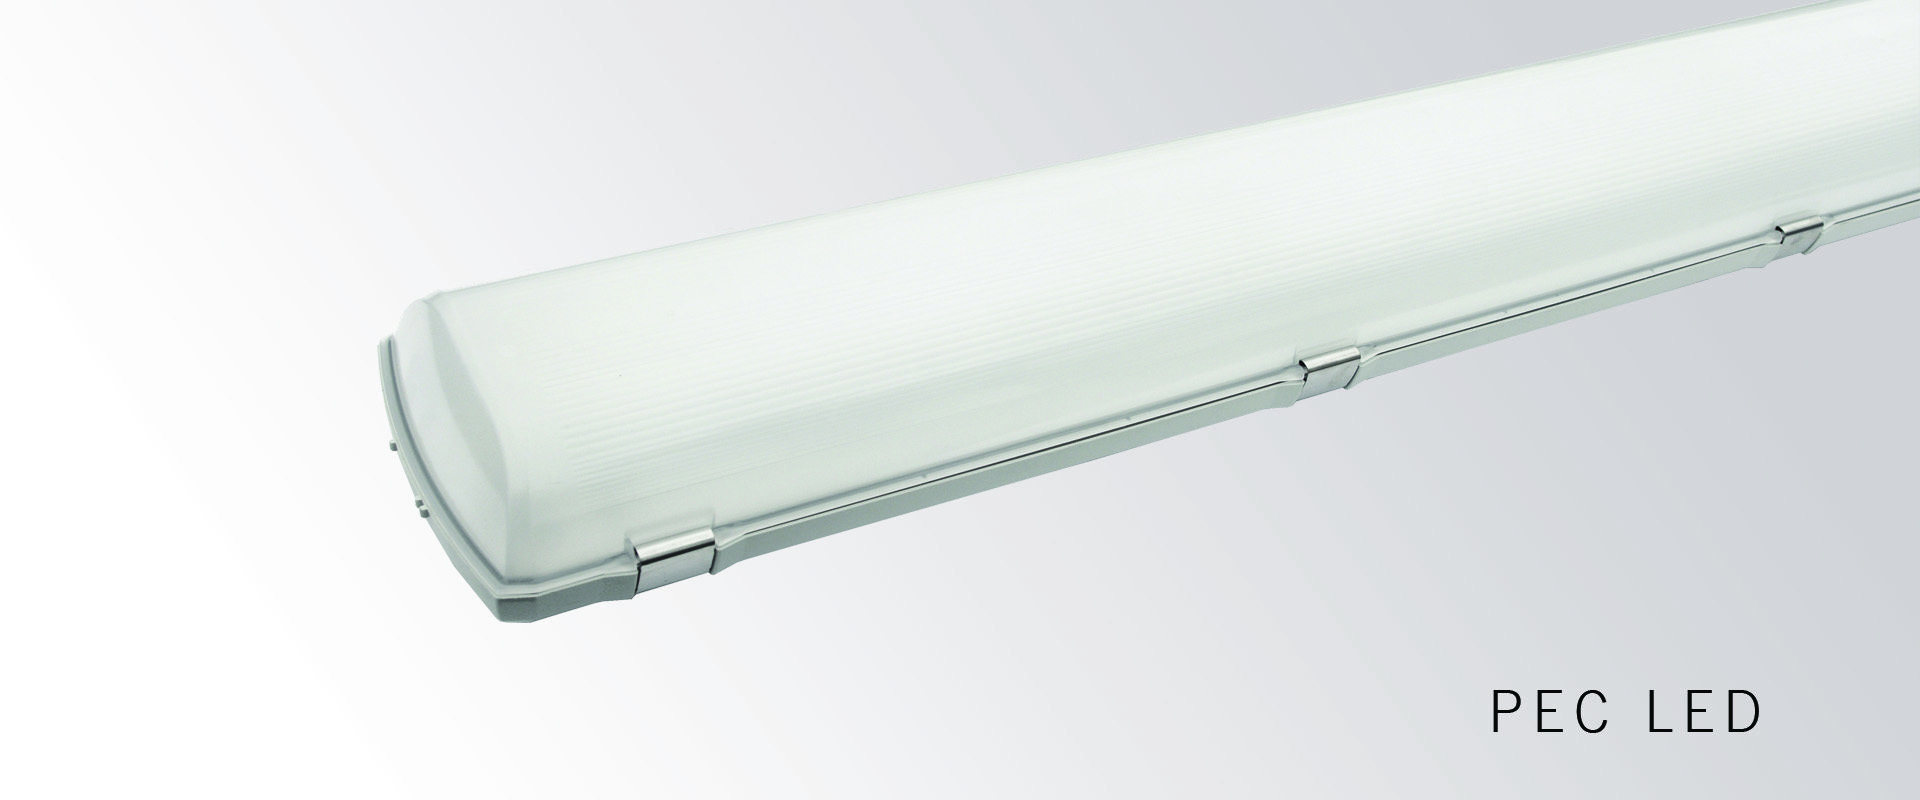 PEC-Led-Slider-1